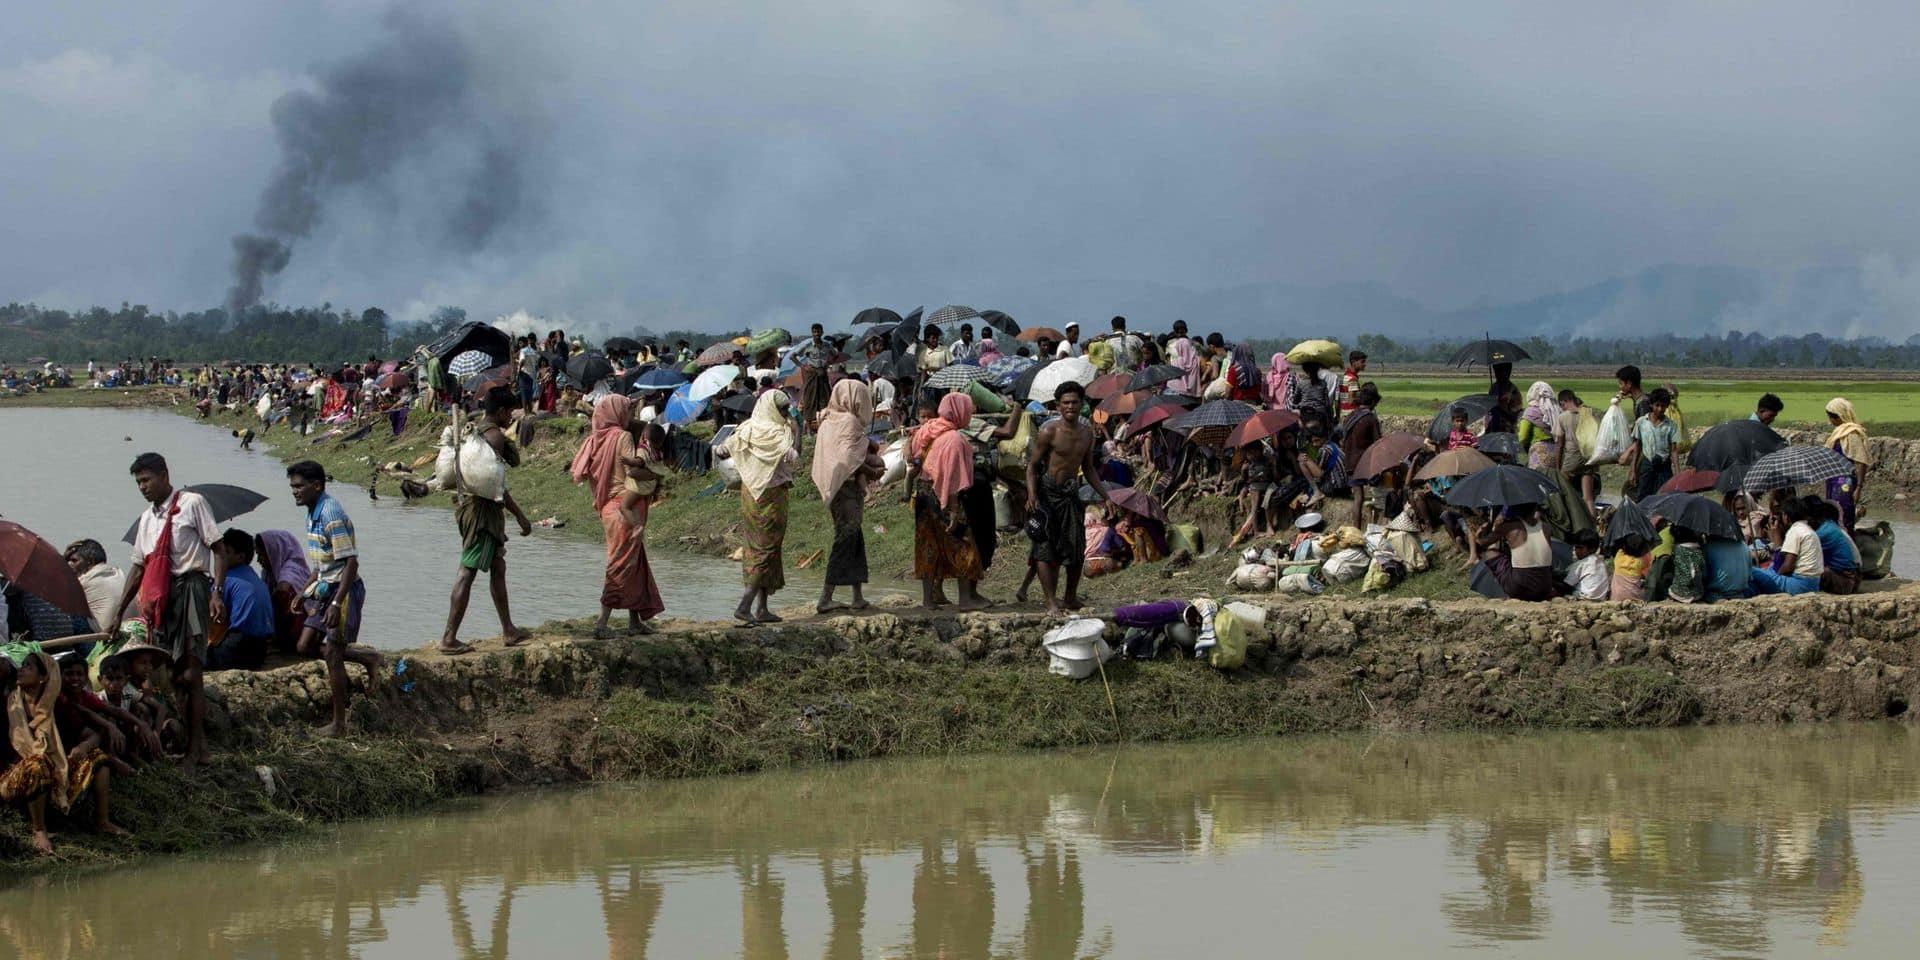 Les camps rohingyas au Bangladesh marquent le 3e anniversaire de l'exode